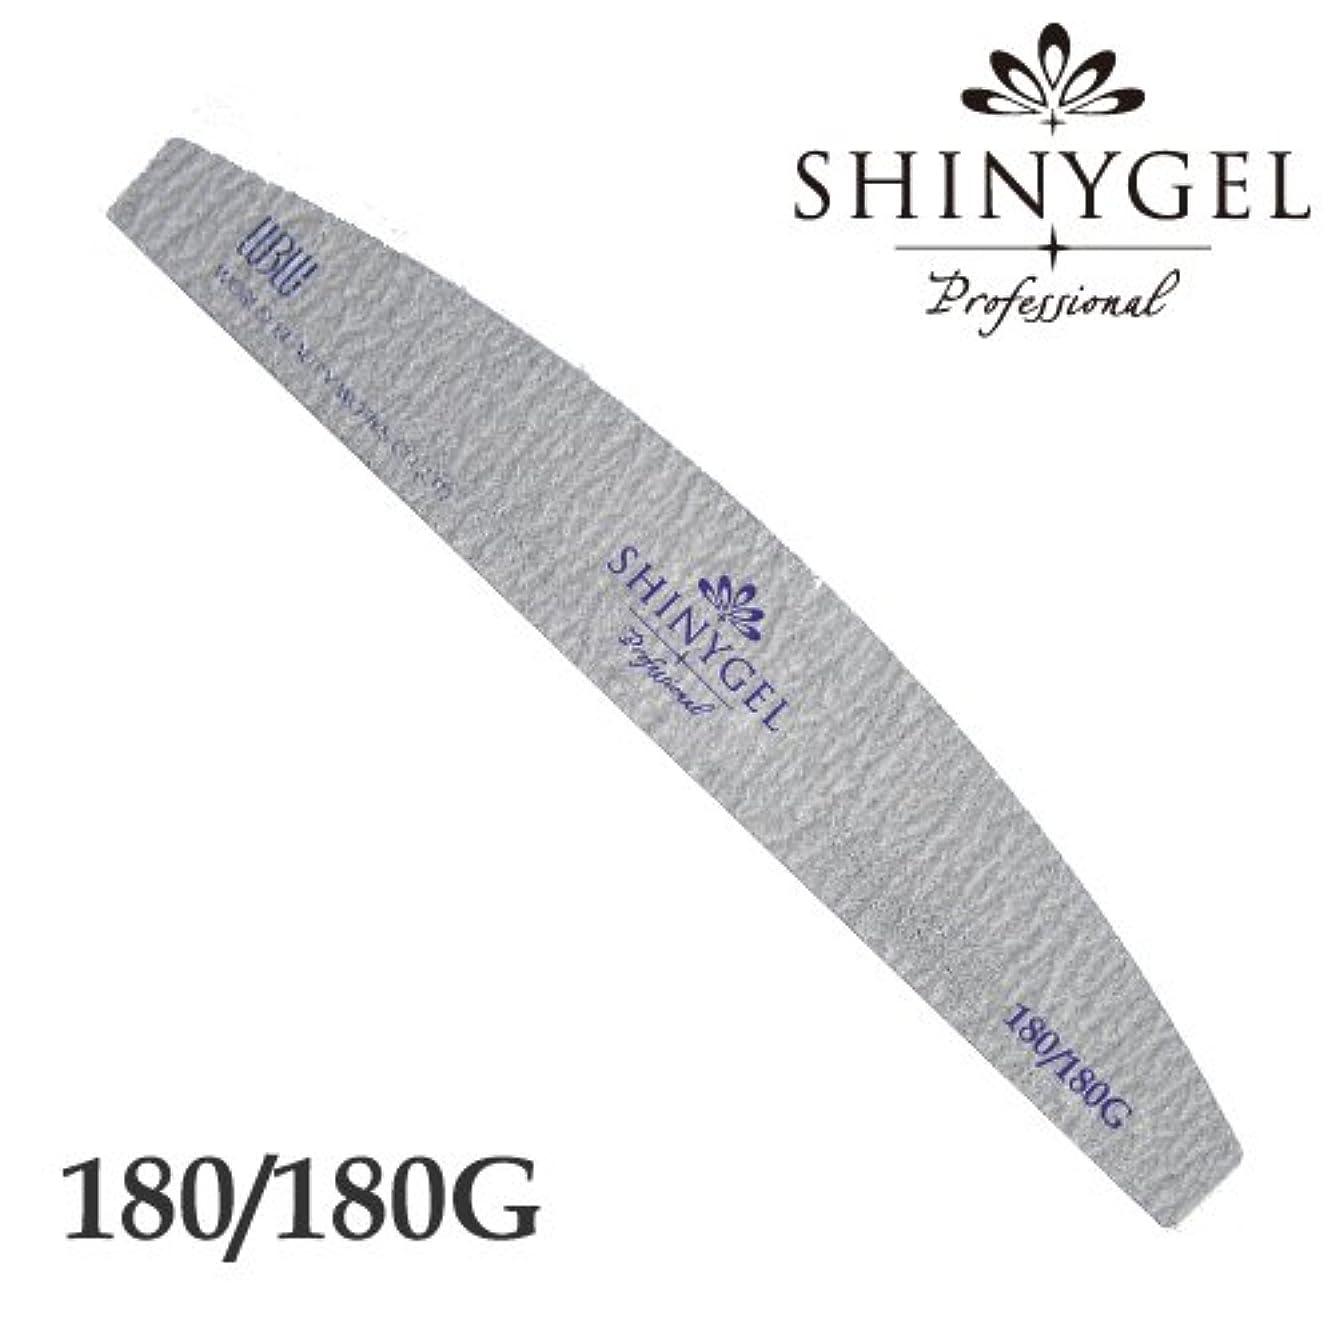 警戒感嘆結晶SHINYGEL Professional シャイニージェルプロフェッショナル ゼブラファイル ホワイト(アーチ型) 180/180G ジェルネイル 爪やすり